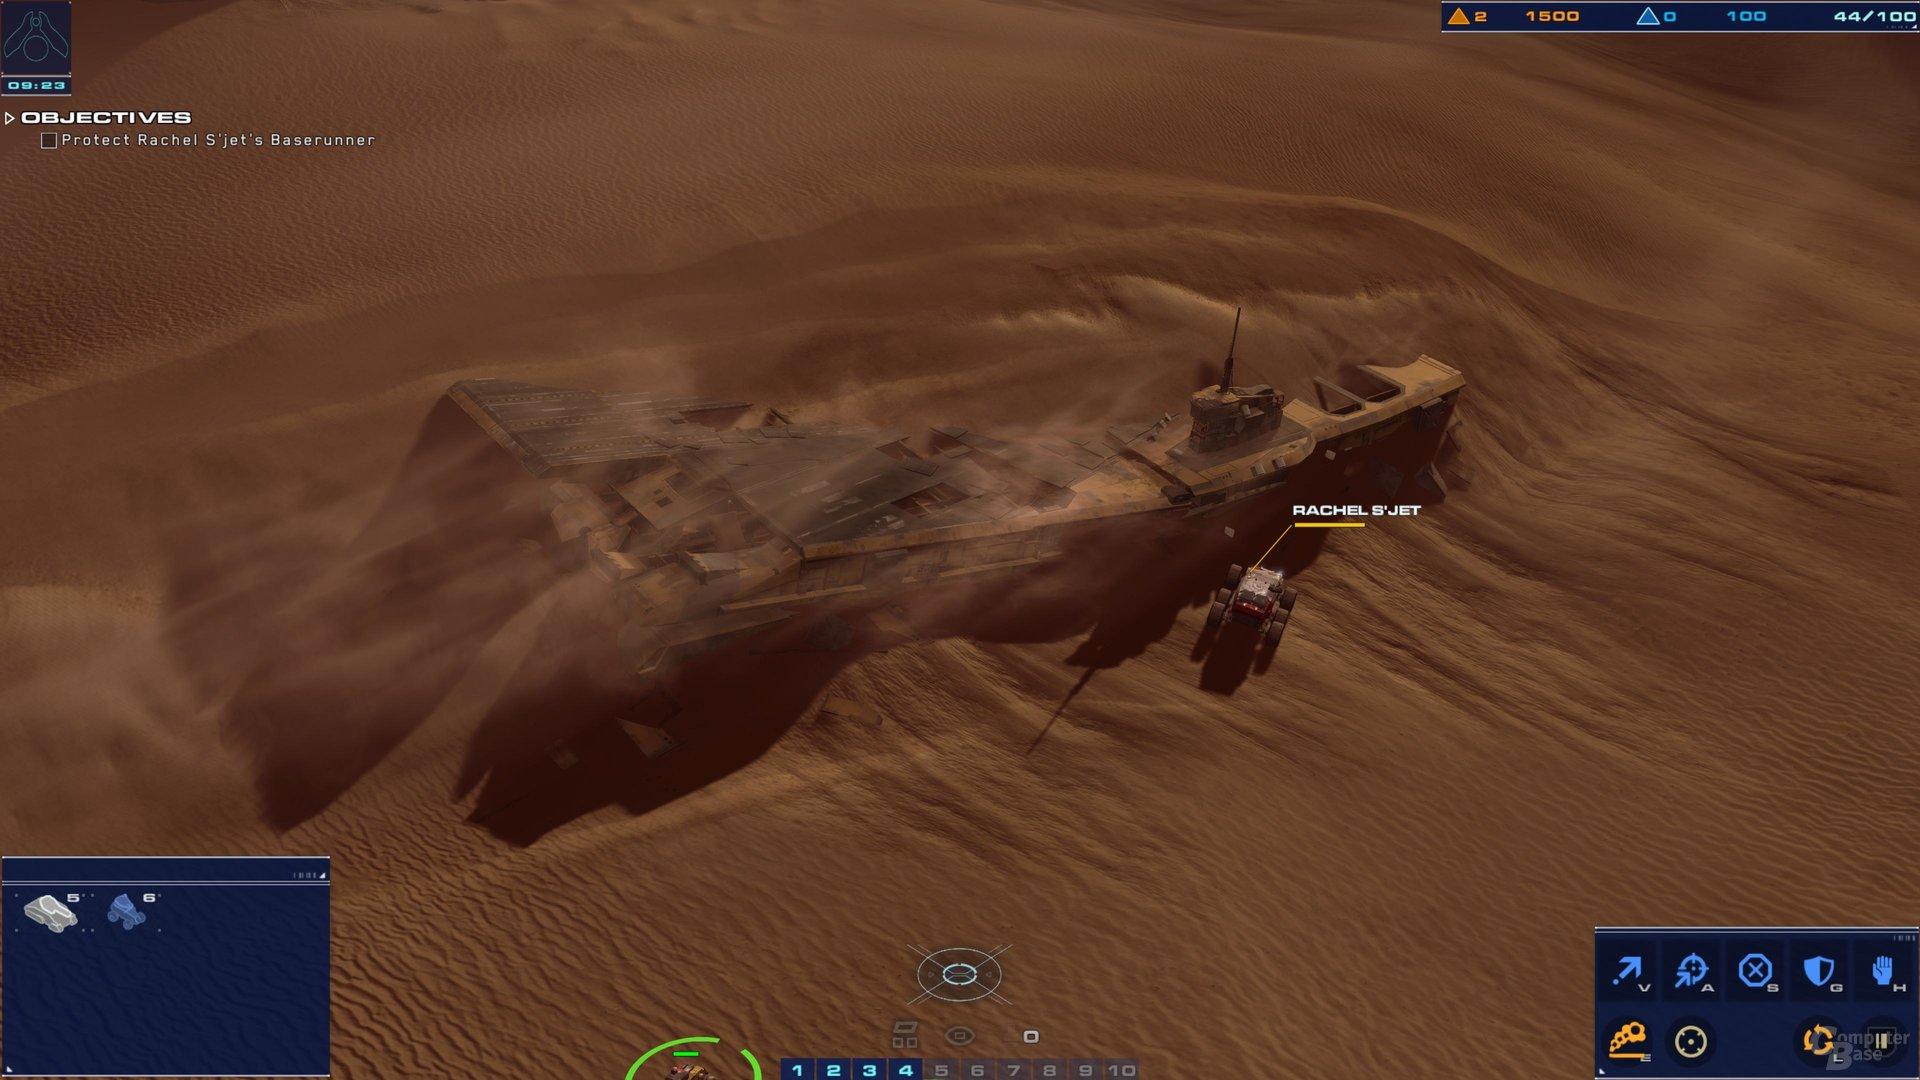 Die Wüste hält spannende Relikte aus All und Vergangenheit bereit